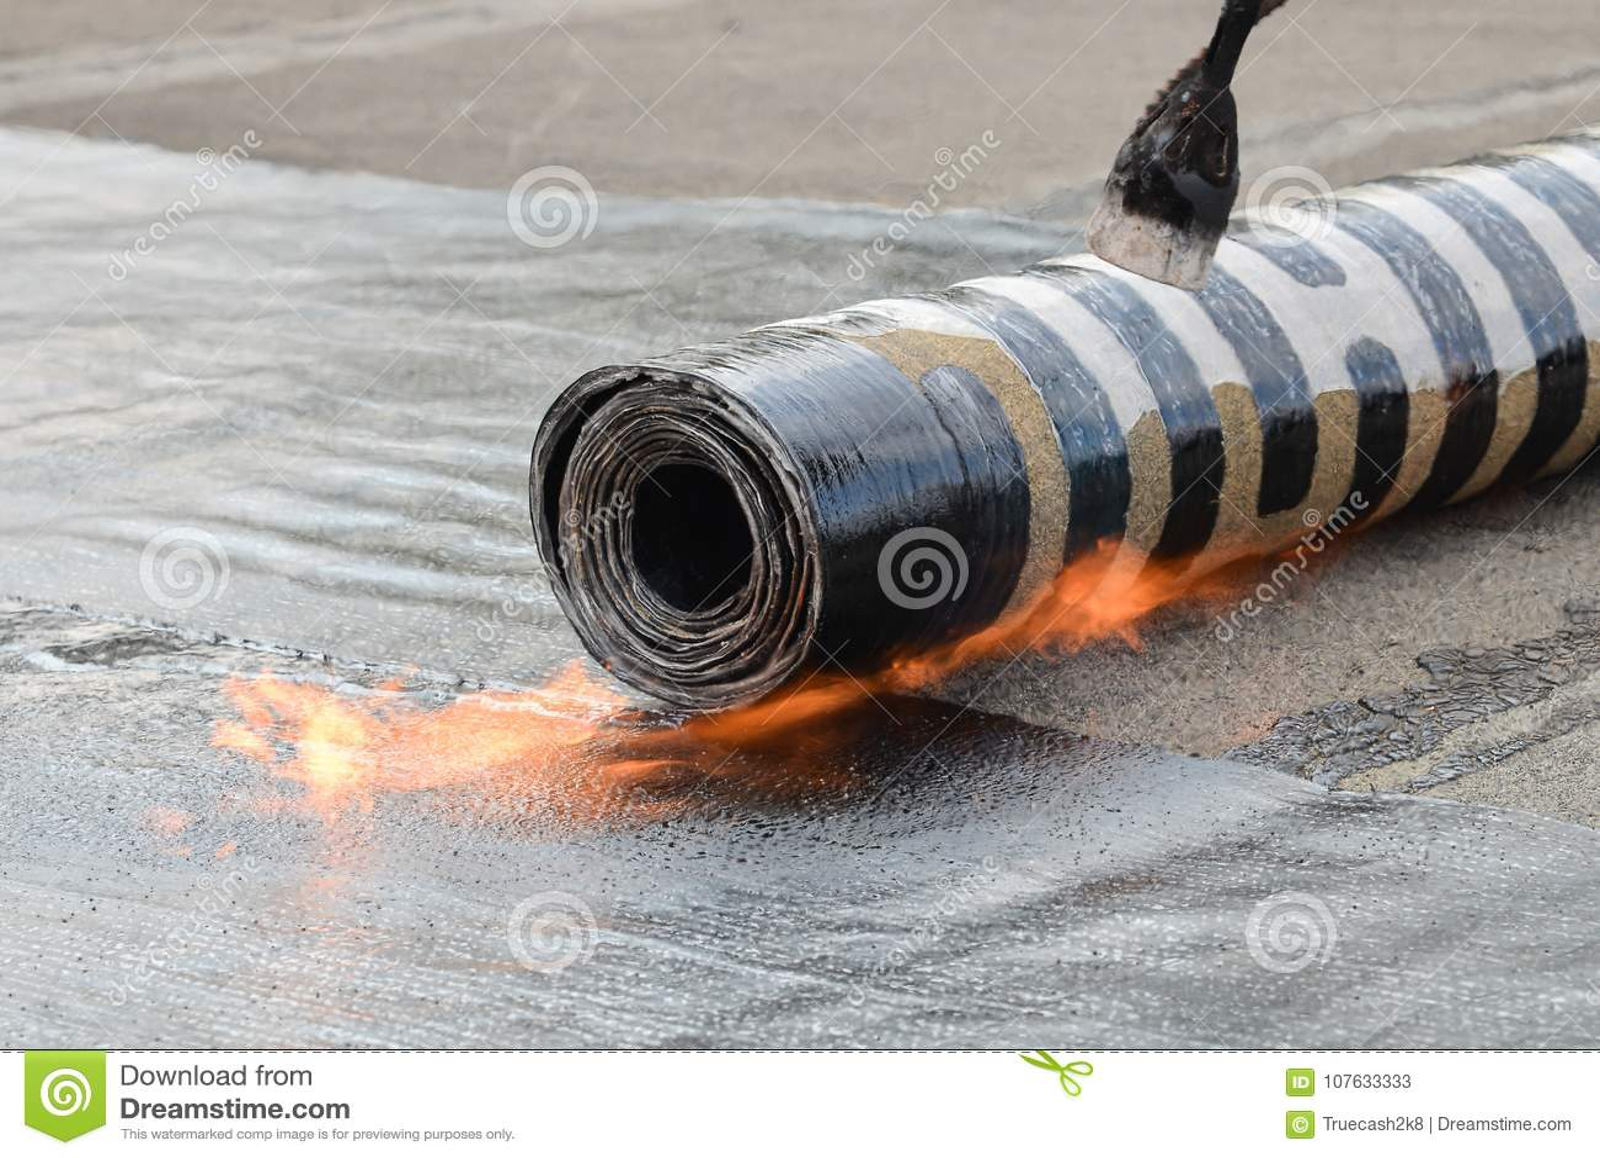 Εγκατάσταση υλικού κατασκευής σκεπής που γίνεται αισθητή με τη θέρμανση και την τήξη του ρόλου πίσσας από το φανό στη φλόγα, βλασ